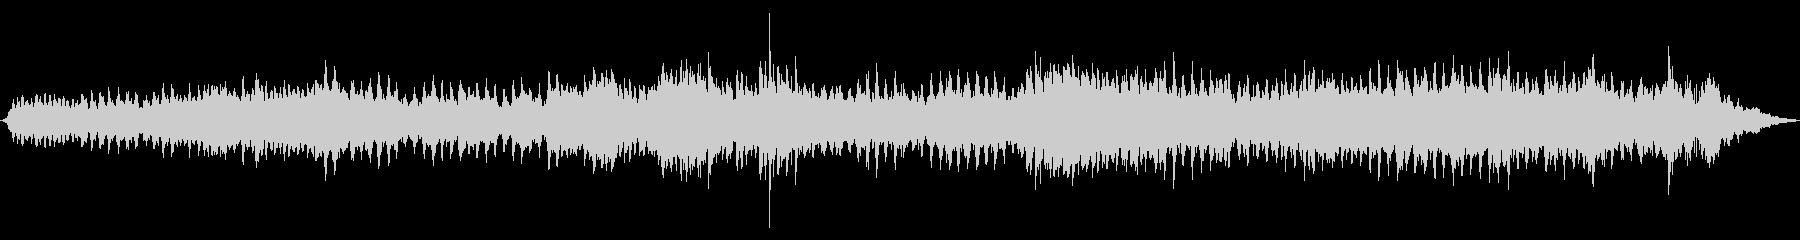 ピアノ:絶え間ない劇的な共鳴スクレ...の未再生の波形